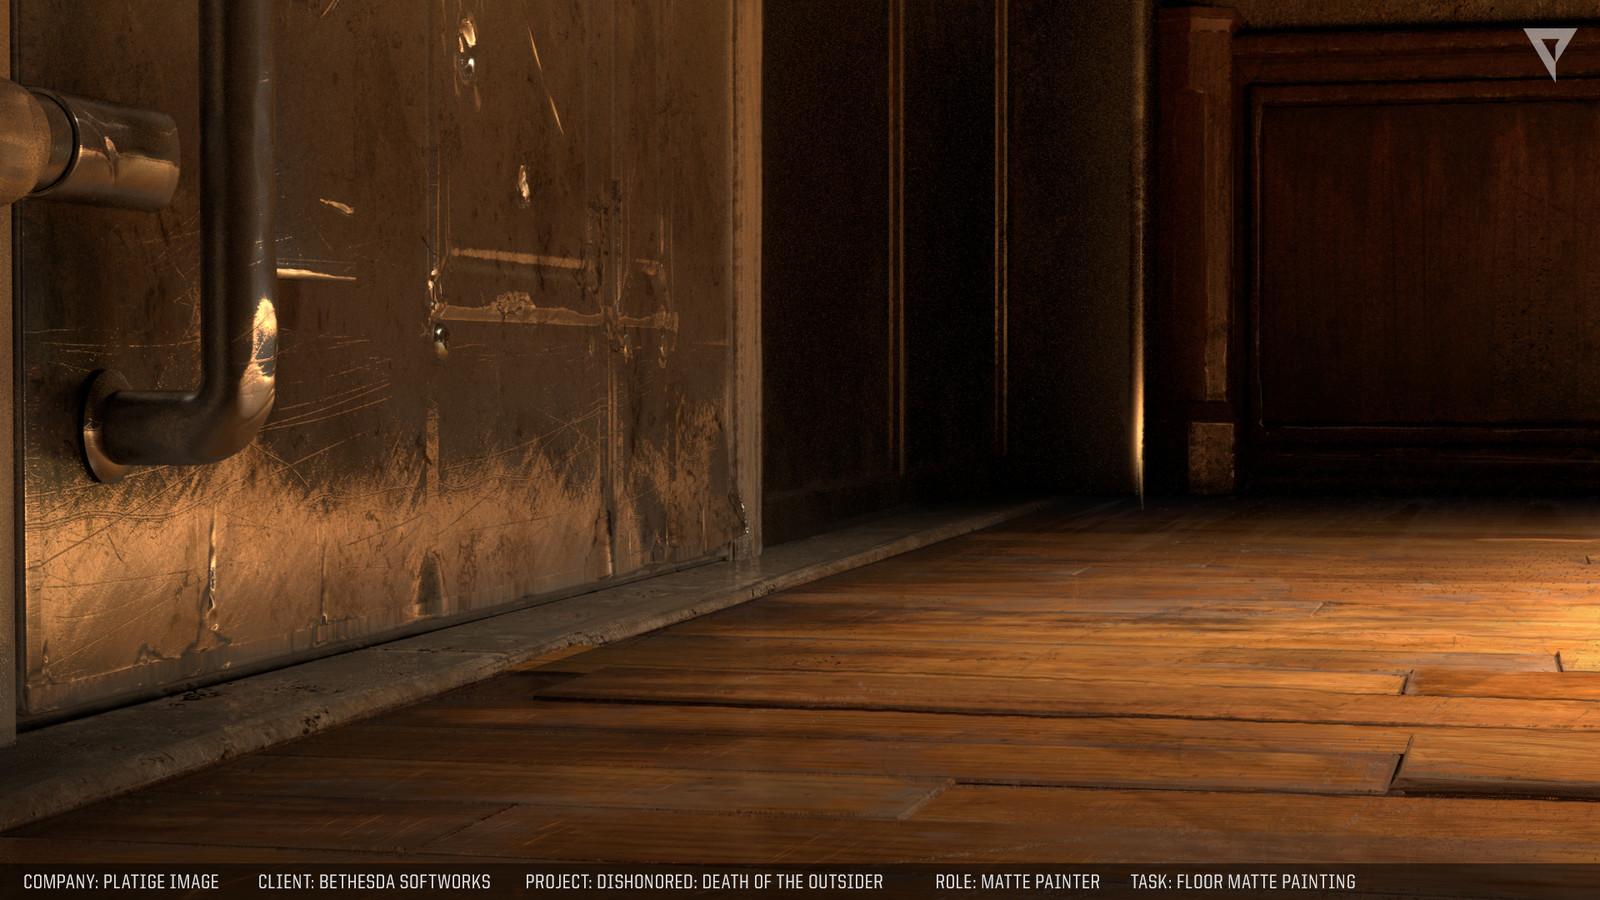 Floor and door mattepainting.